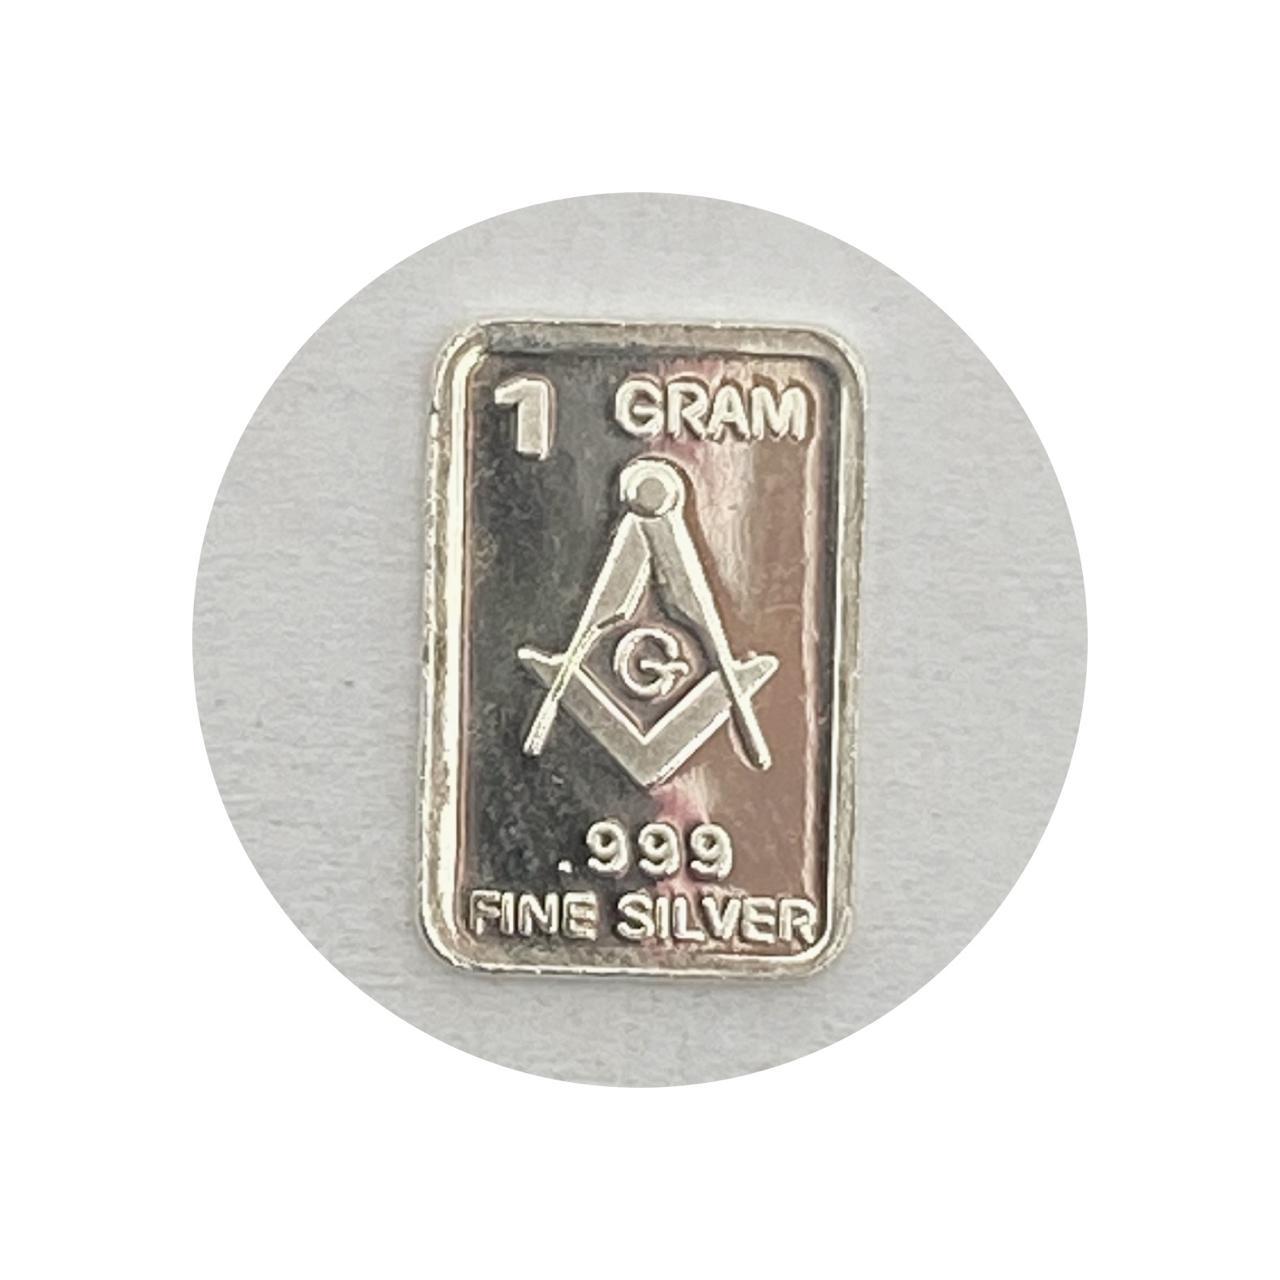 Barra de 1g de prata Simbolo da Maçonaria